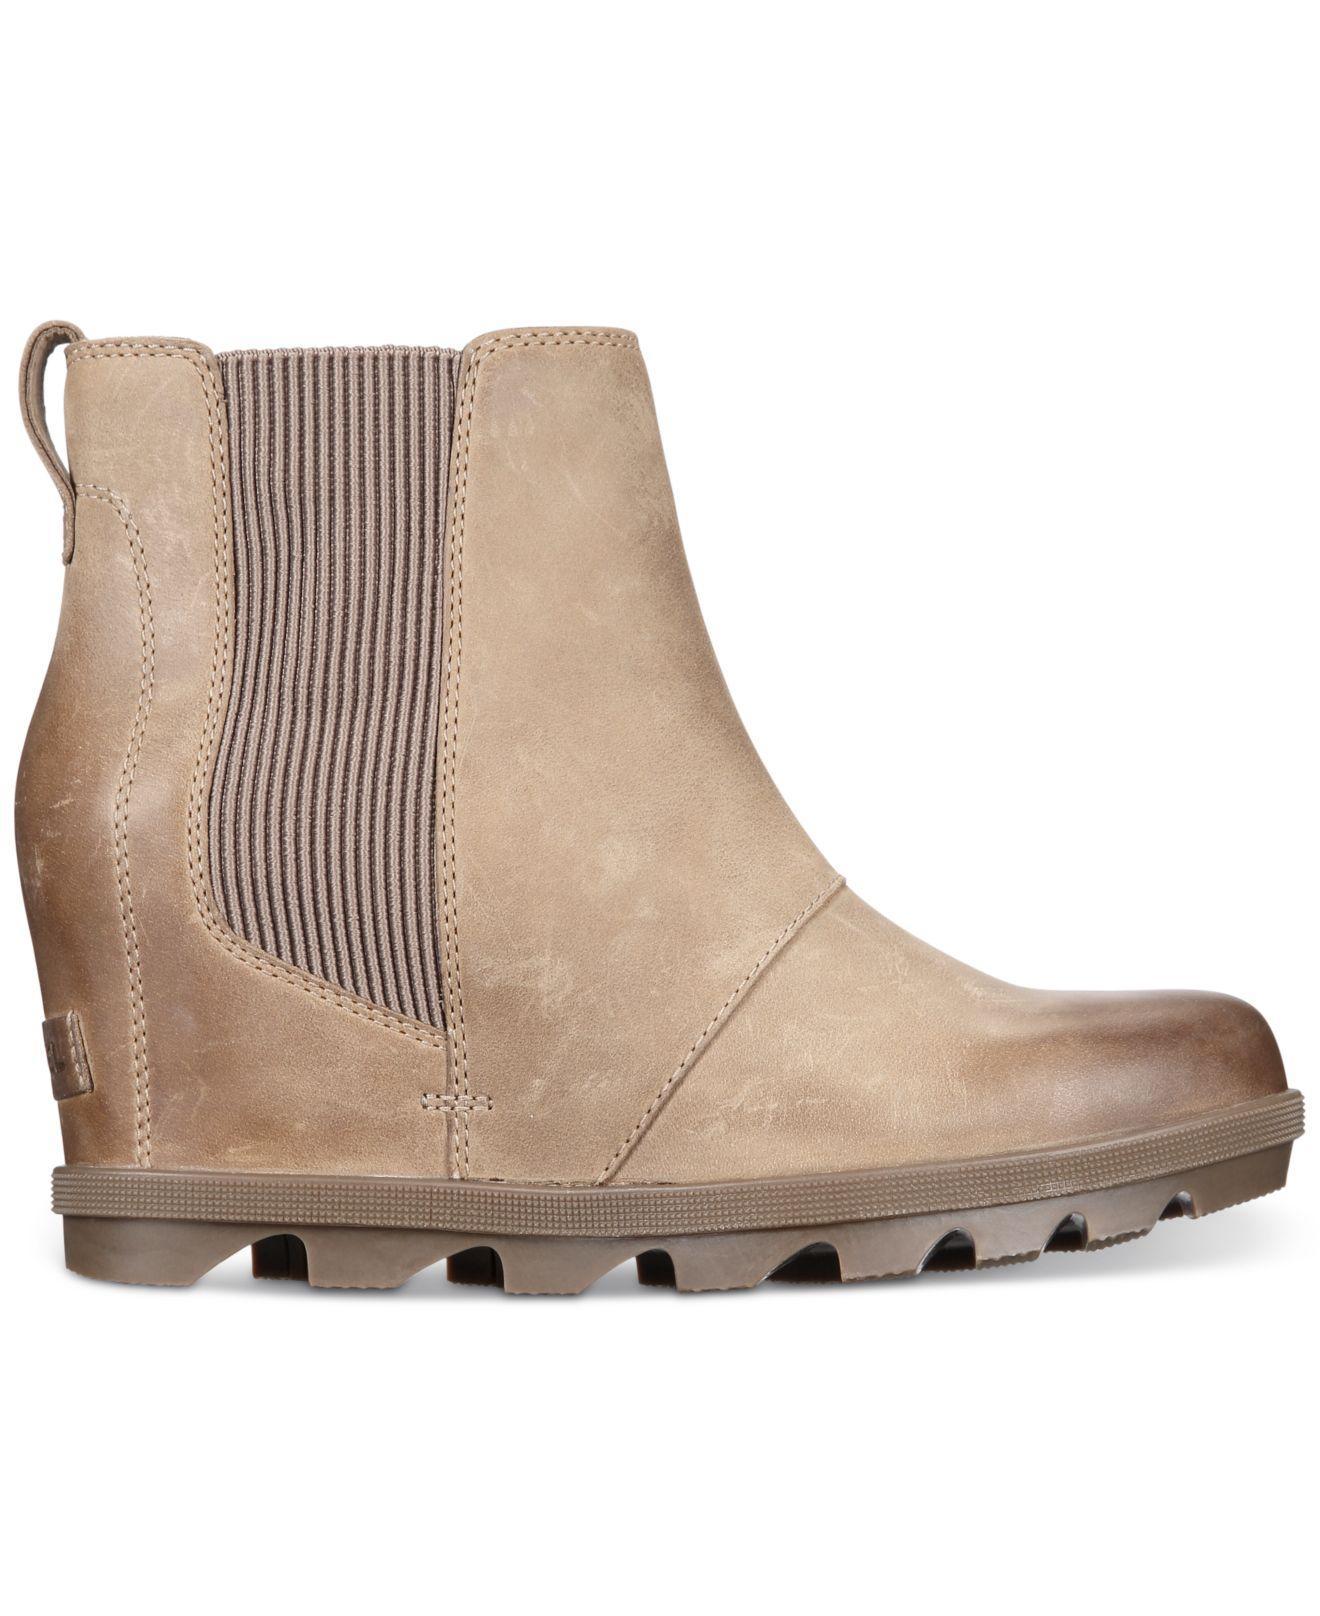 c4d61a9609b7 Sorel - Women s Emelie Waterproof Boots ... Women s Sorel Joan Of Arctic  Wedge II Chelsea ...